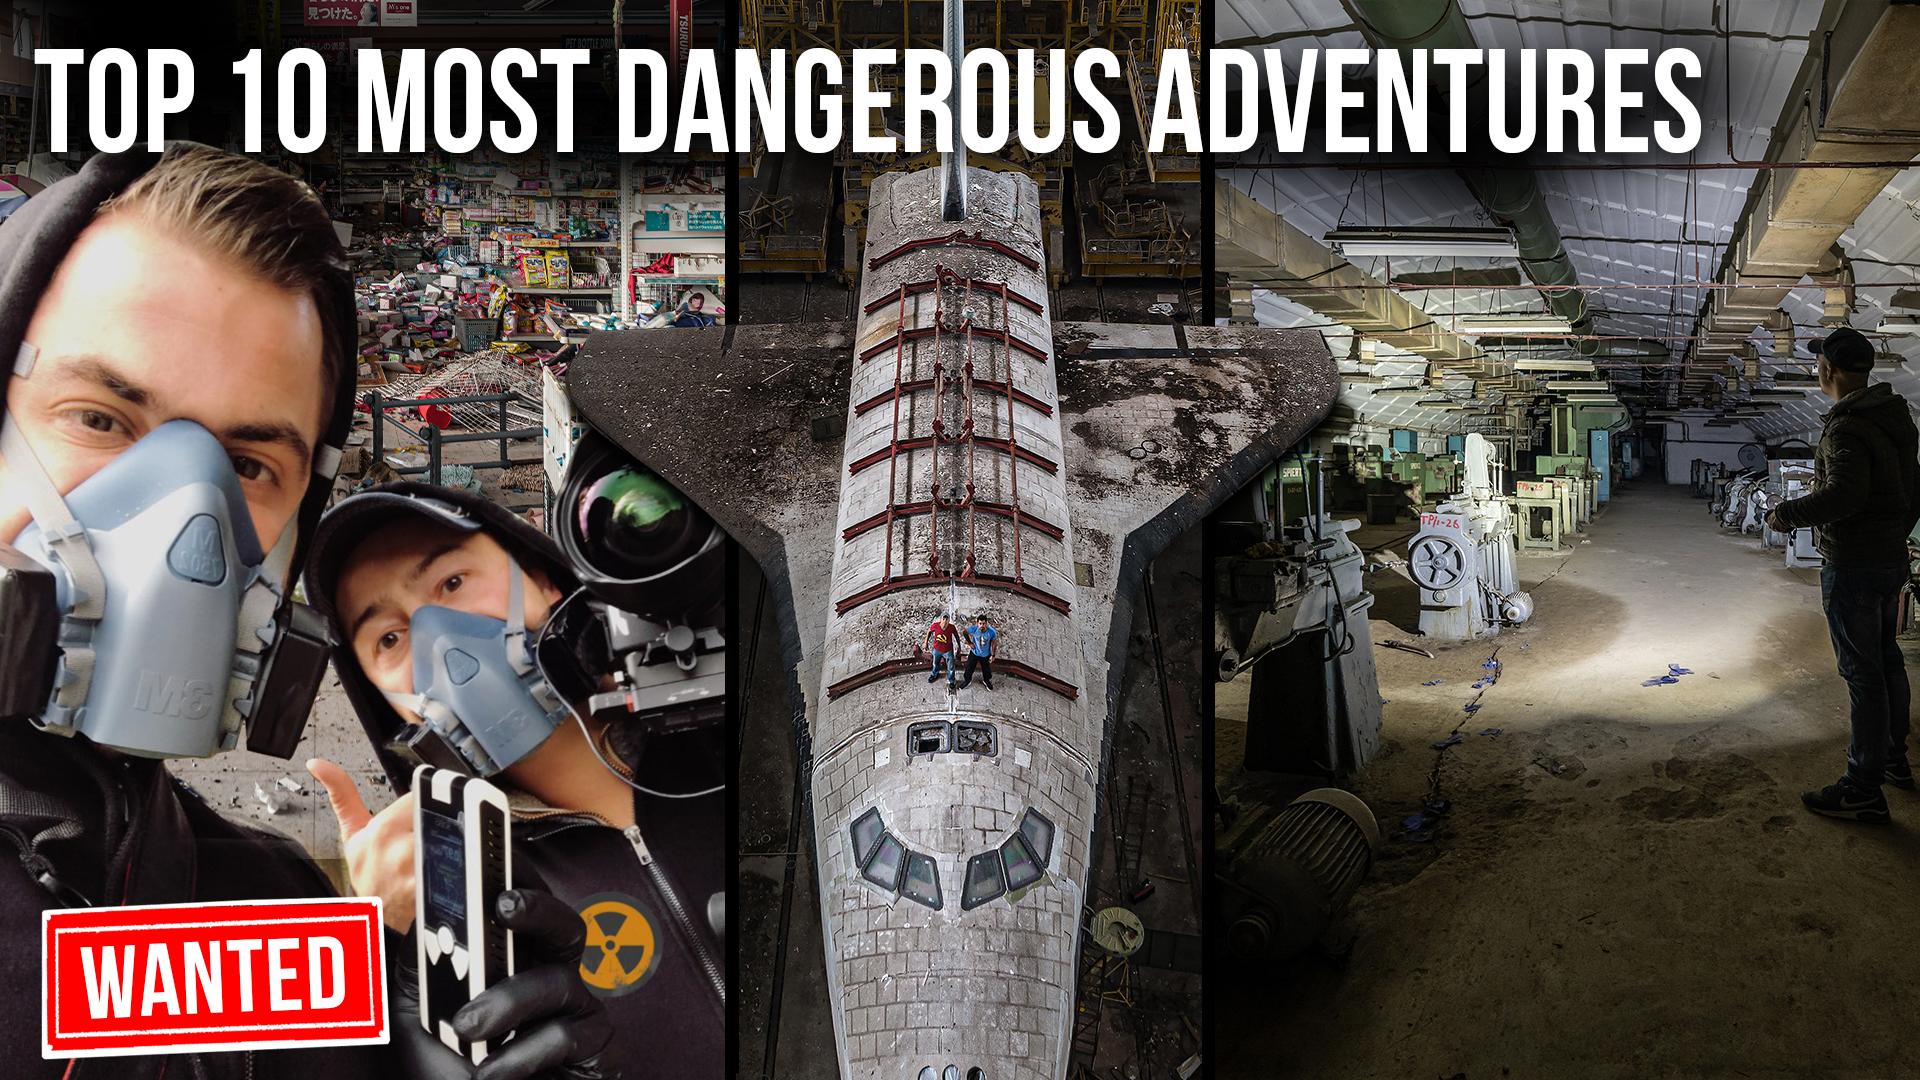 Top-10-most-dangerous-adventures-f.jpg